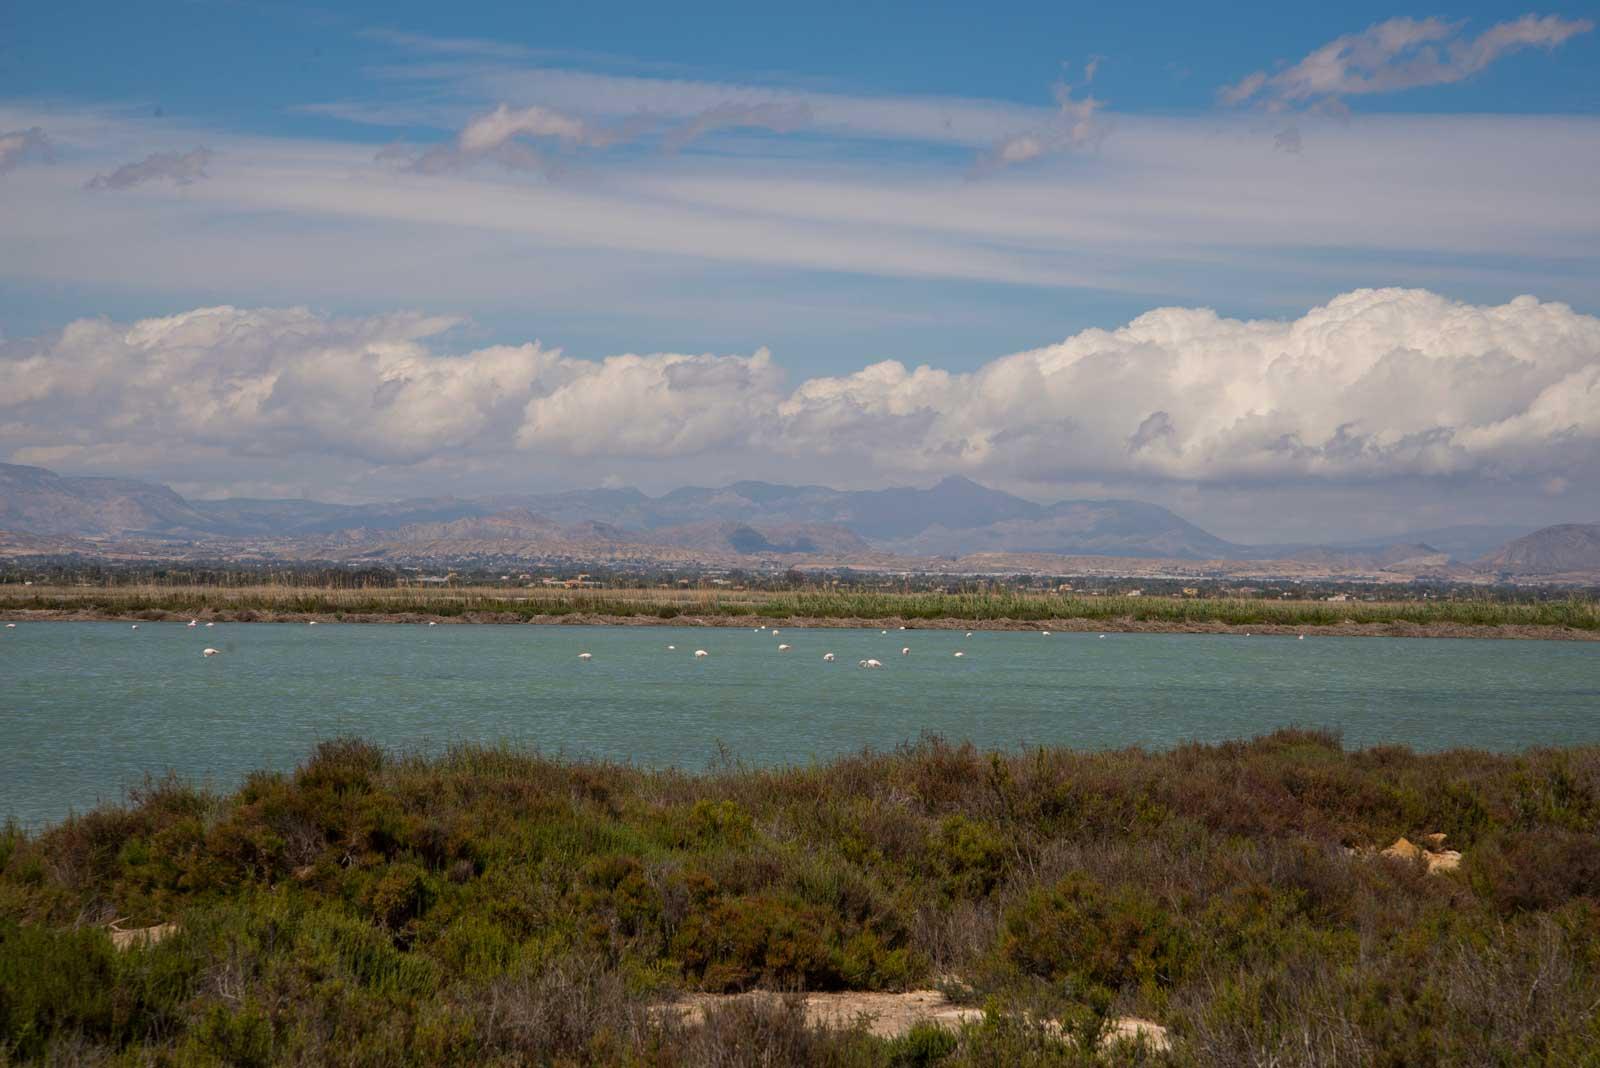 Mellom Alicante og Torrevieja ligger det store saltsjøer. Mange fugler utpå der, jeg tror det var flamingoer